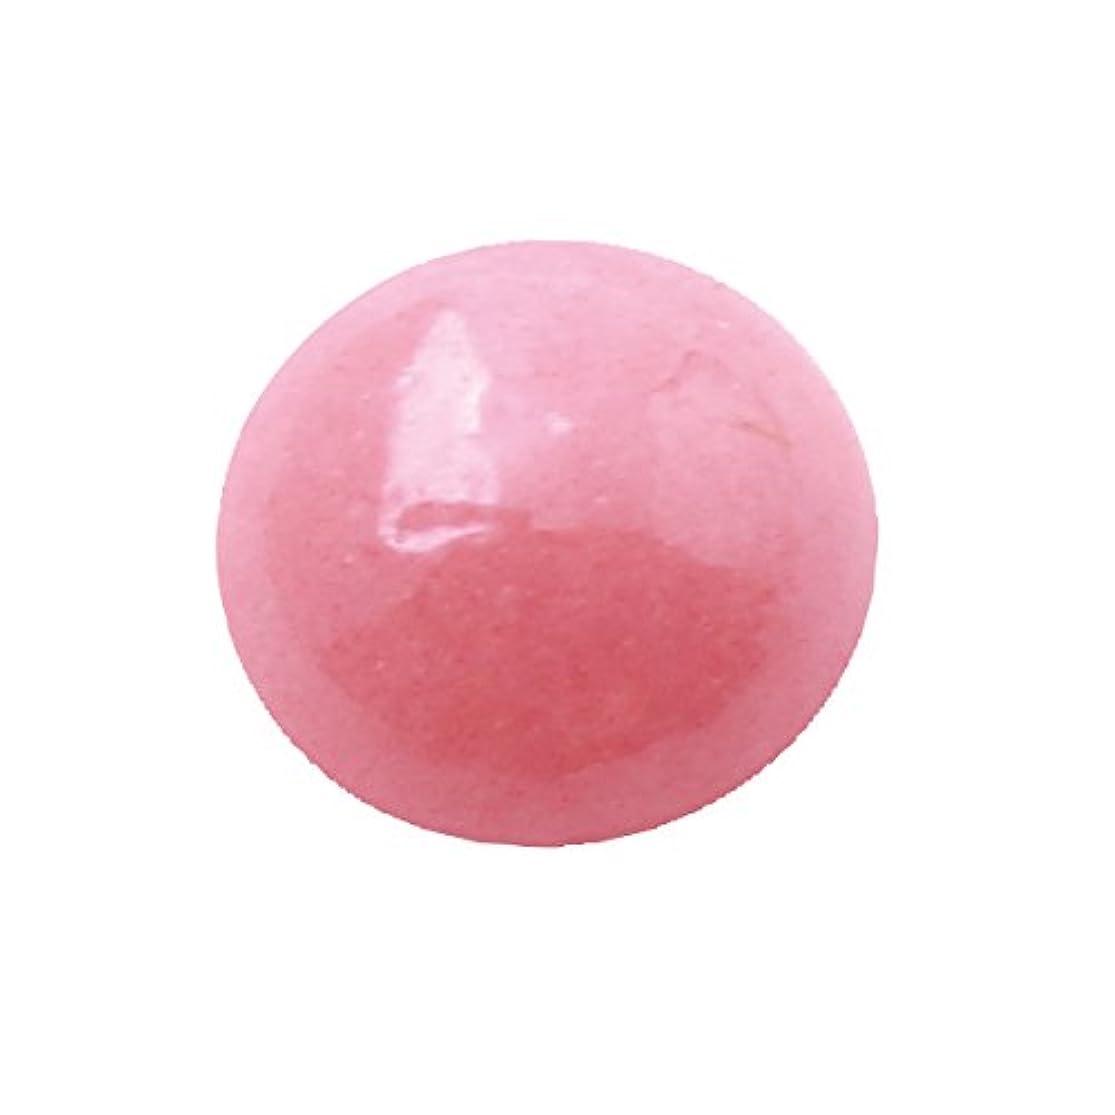 華氏油強風グラスパールラウンド 2mm(各50個)(ストーン ネイルアート ネイル用品)ピンク